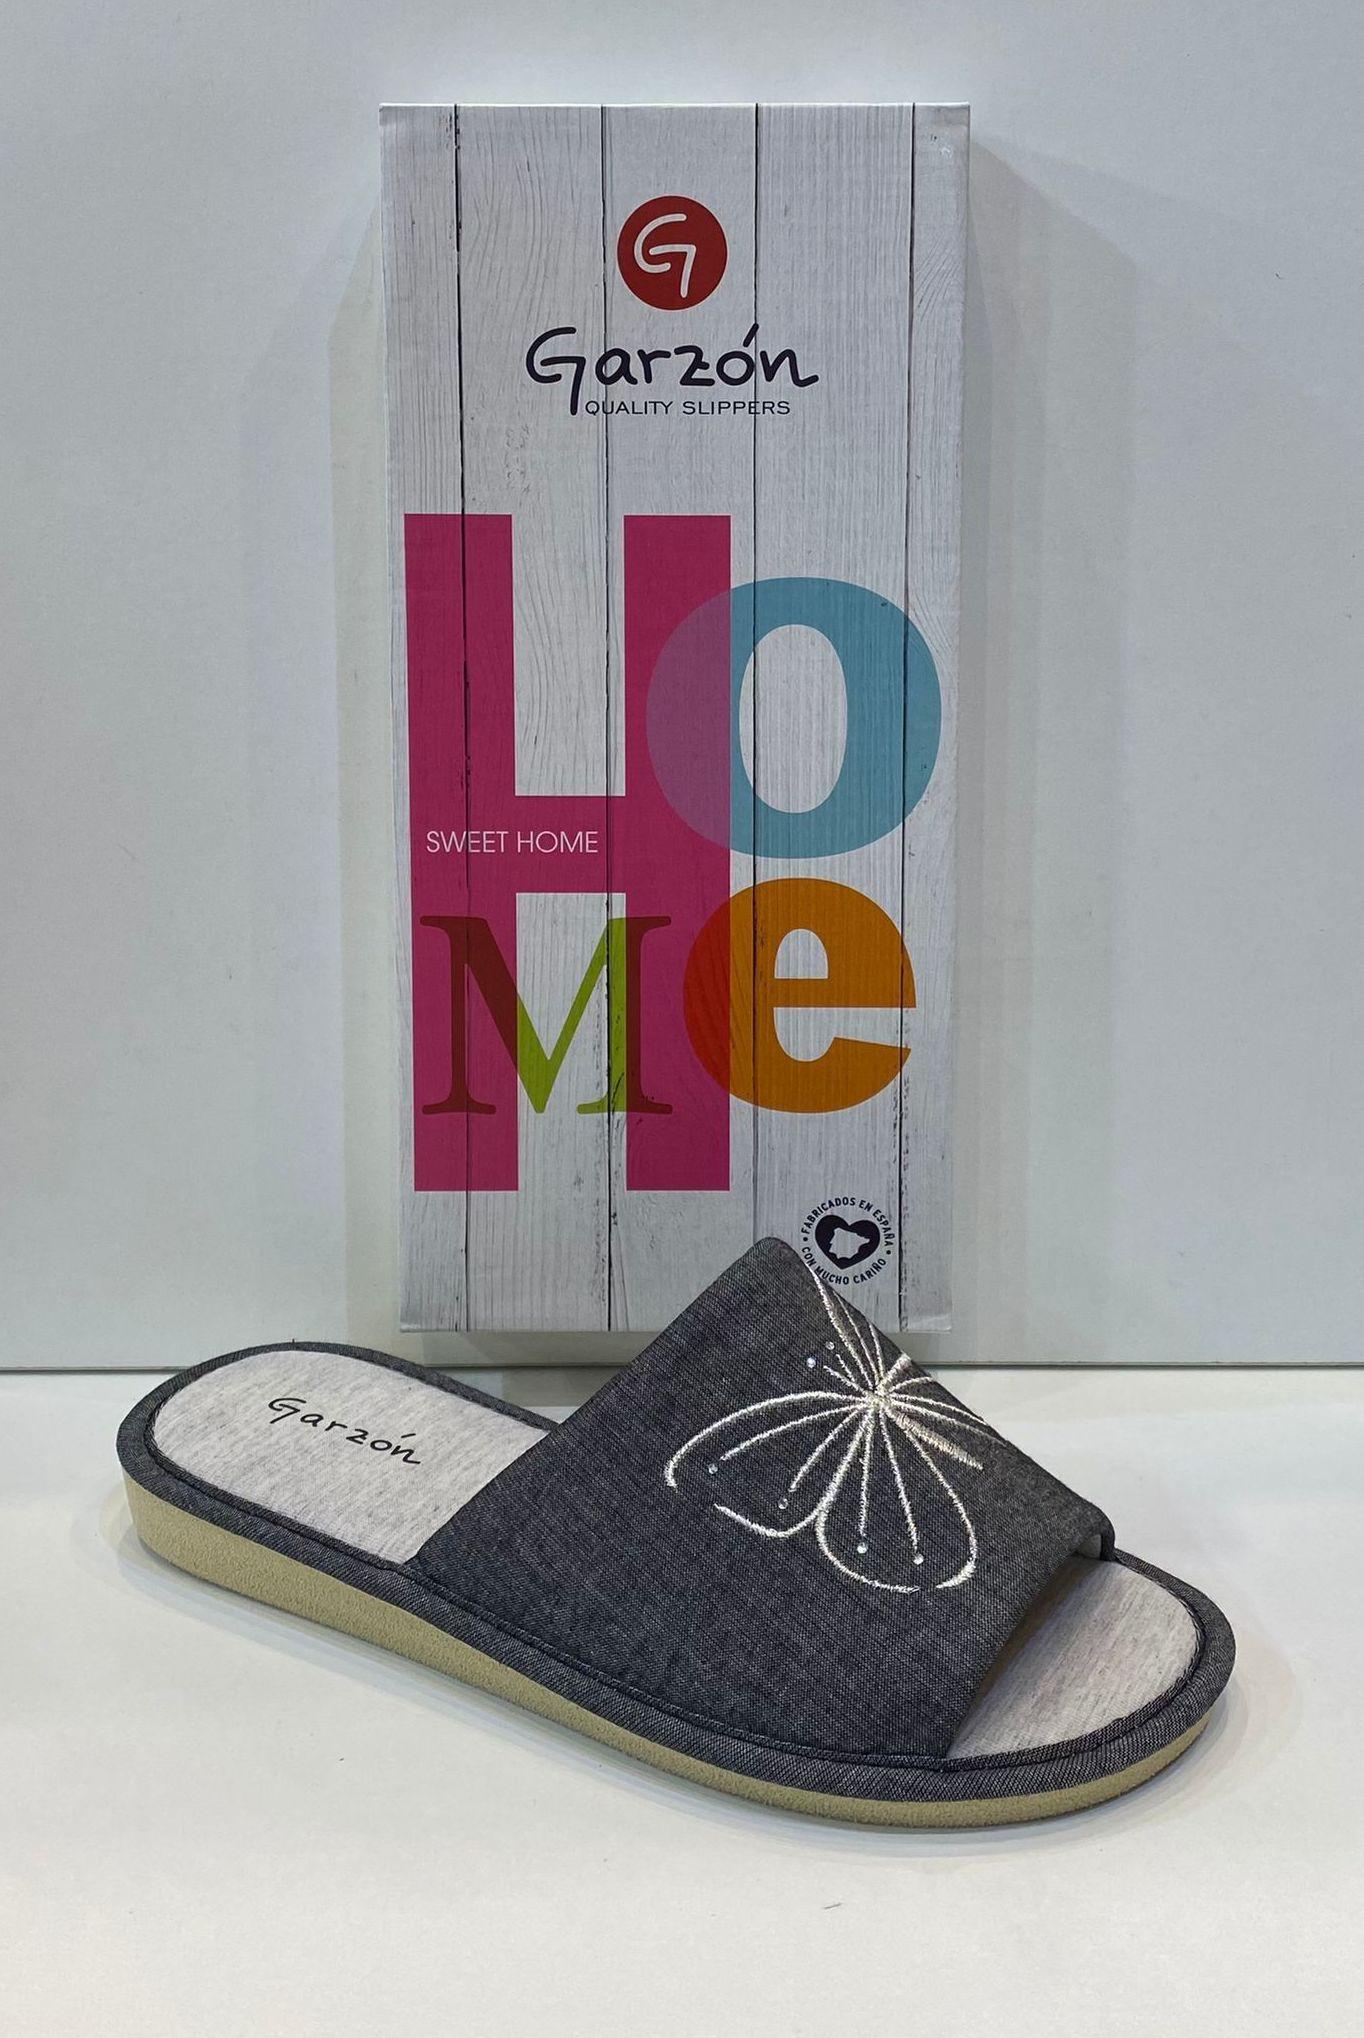 Espardenya de dona, de la marca Garzón, de roba de fibra de bambú antialèrgica, sola de microporós especial parquet 28.50€